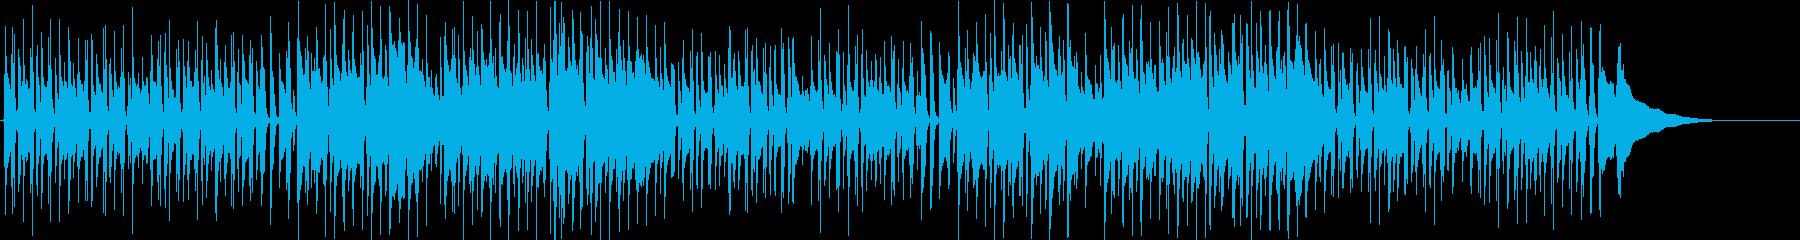 アコギ生演奏 クリスマス カッティングの再生済みの波形